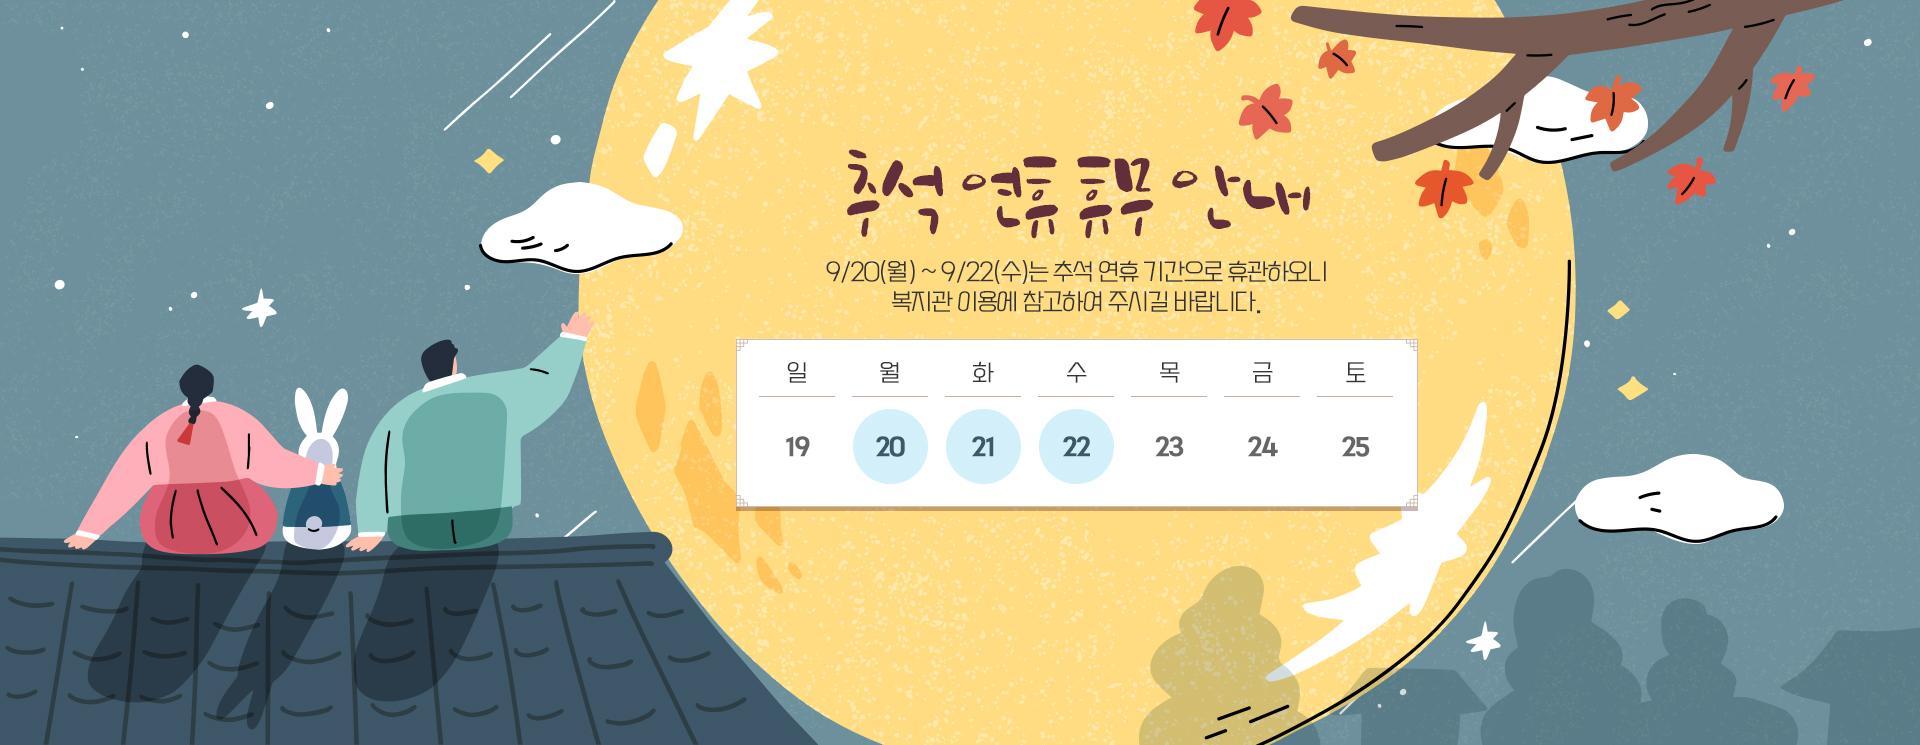 추석기간 20-22일 동안 추석 연휴 휴무 안내